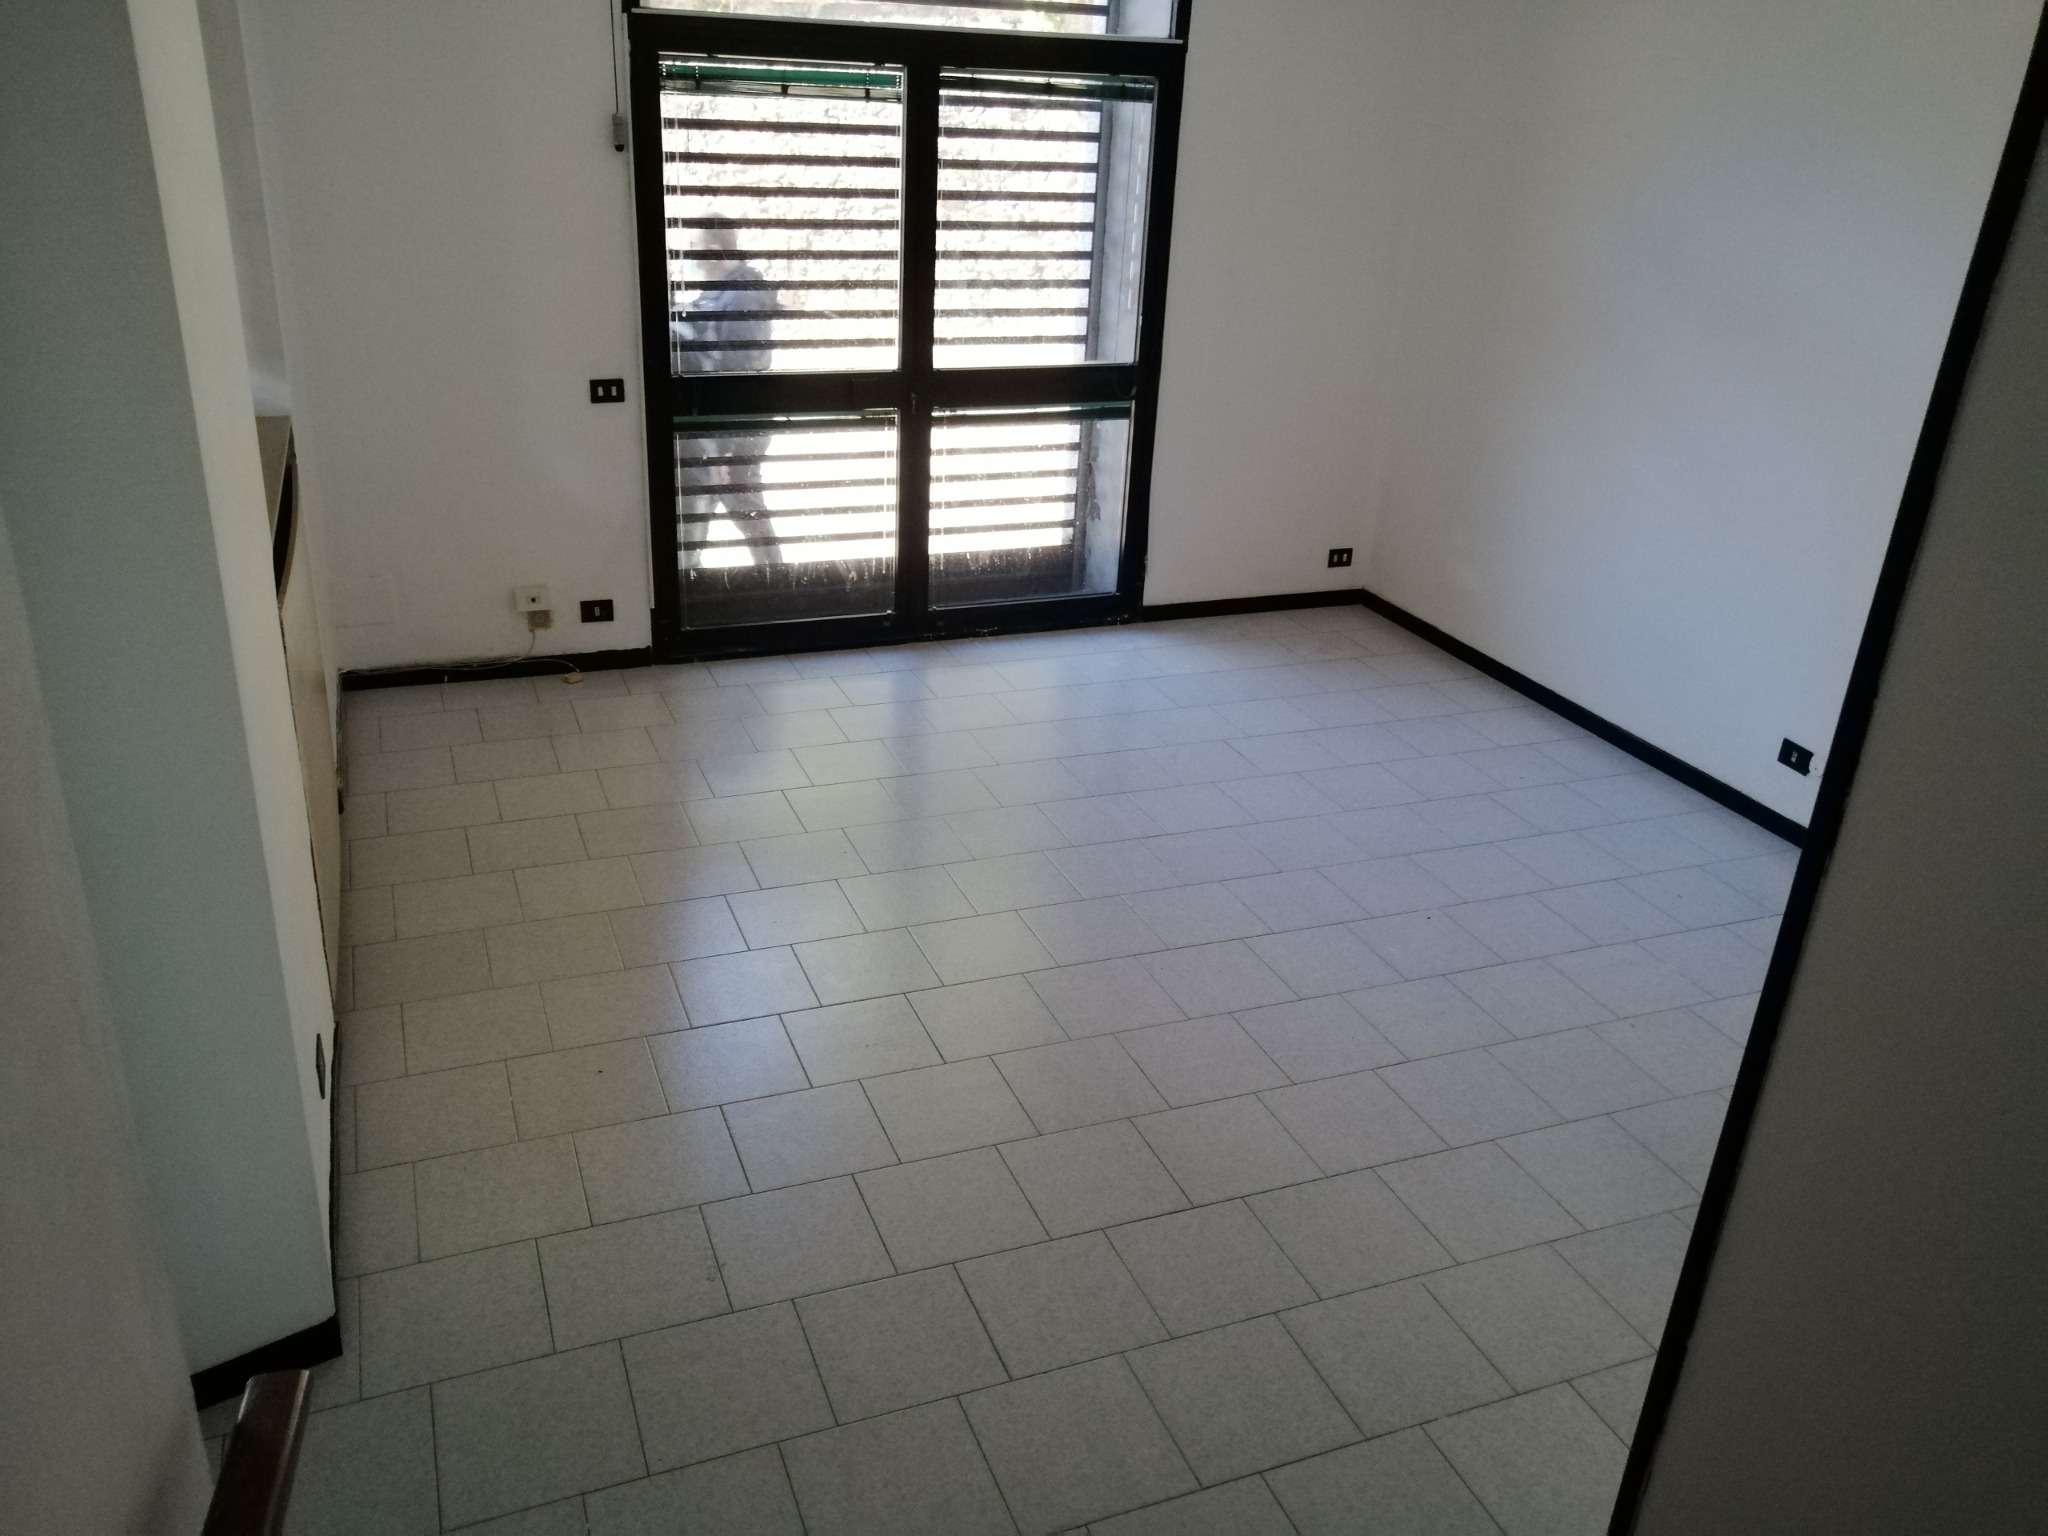 Negozio / Locale in affitto a Cantù, 3 locali, prezzo € 580 | PortaleAgenzieImmobiliari.it